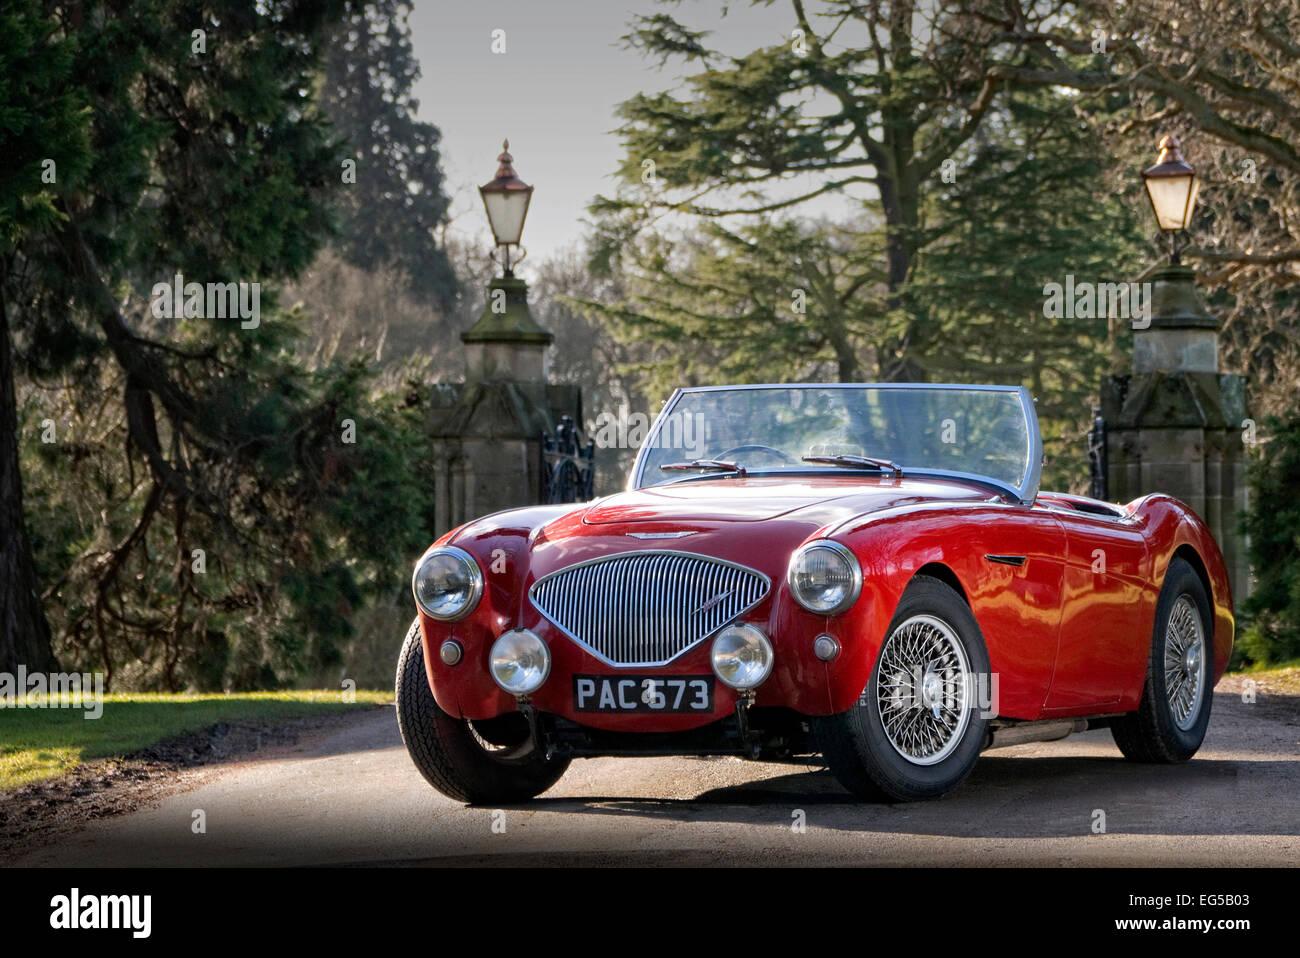 Austin Healey 100M britischen Sportwagen aus den 50er Jahren Stockbild